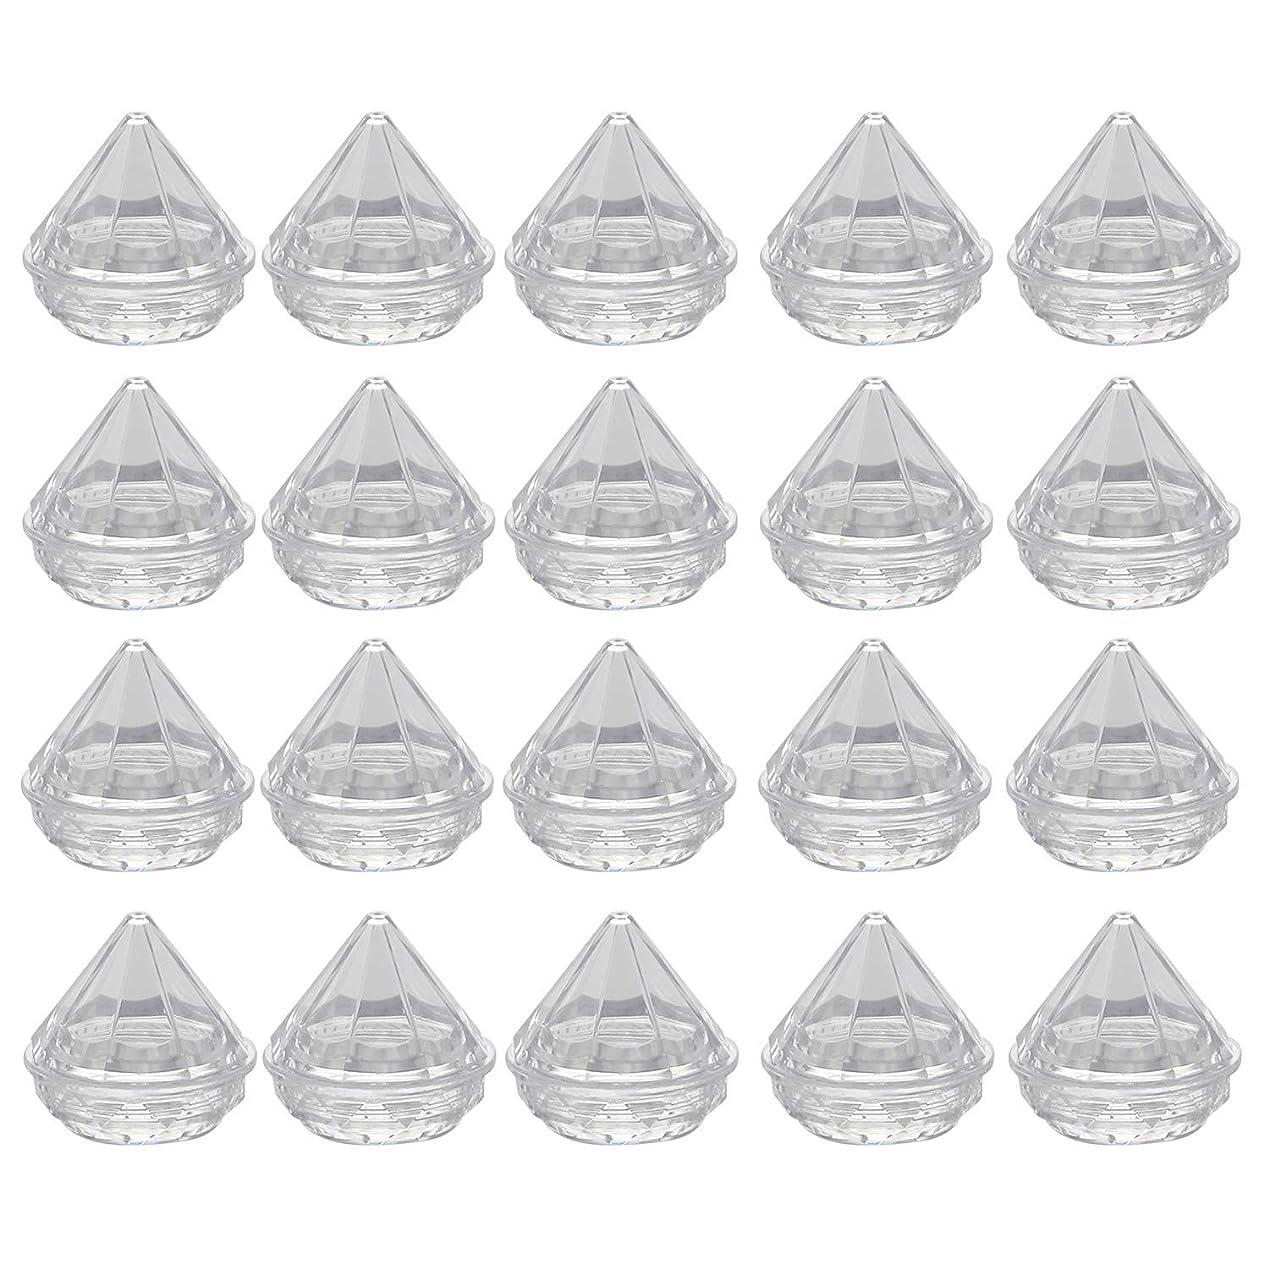 コジオスコウォルターカニンガムブルーベルMigavann 20ピース5グラムクリームジャー クリームボトル 化粧品容器瓶 ダイヤモンド形クリア詰め替え空の化粧品メイクアップクリームローション容器ジャーボトルボックス